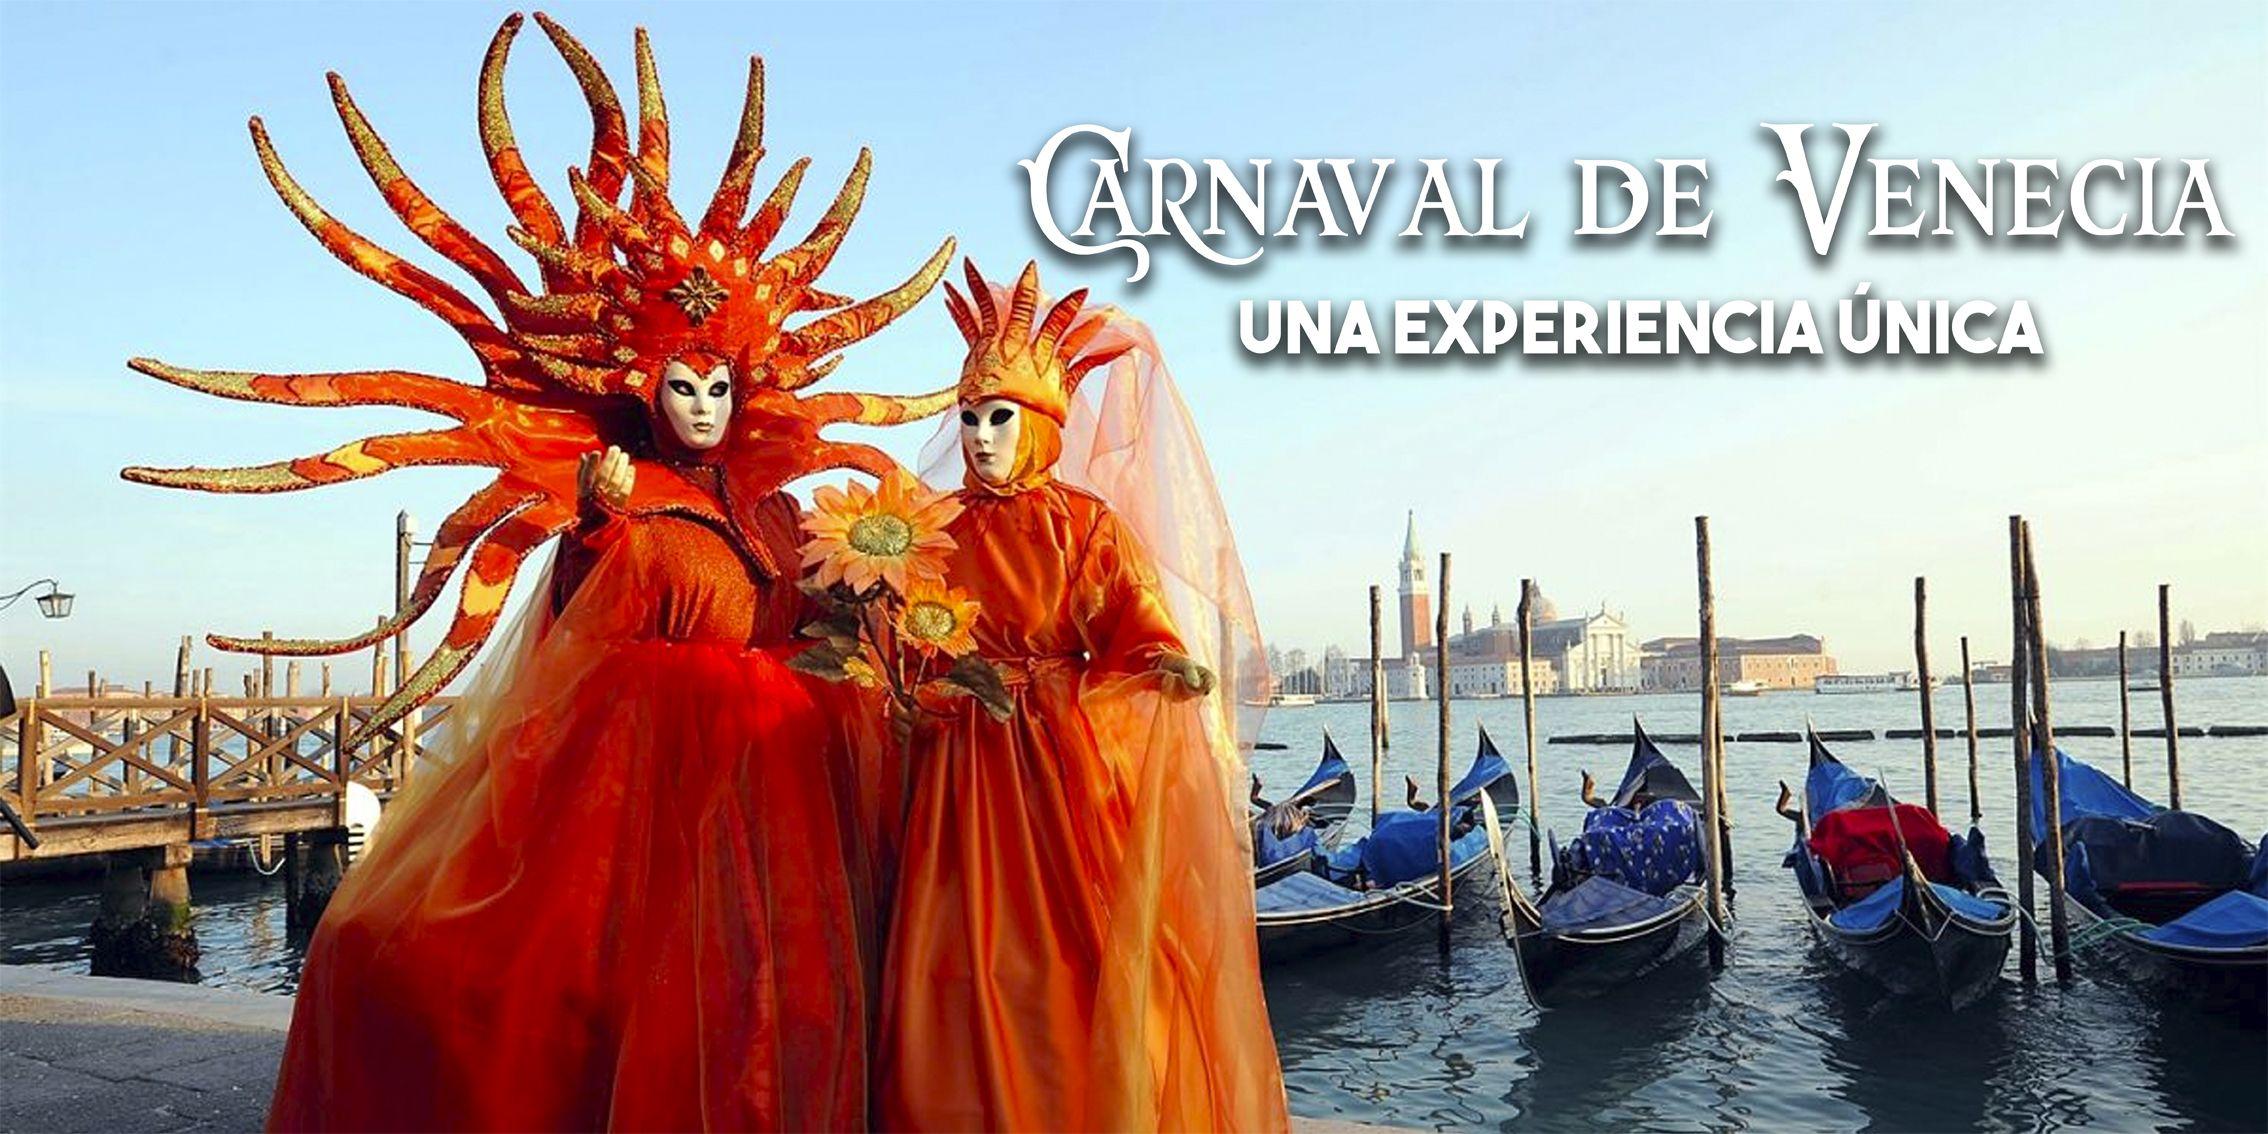 El Carnaval de Venecia: una experiencia única